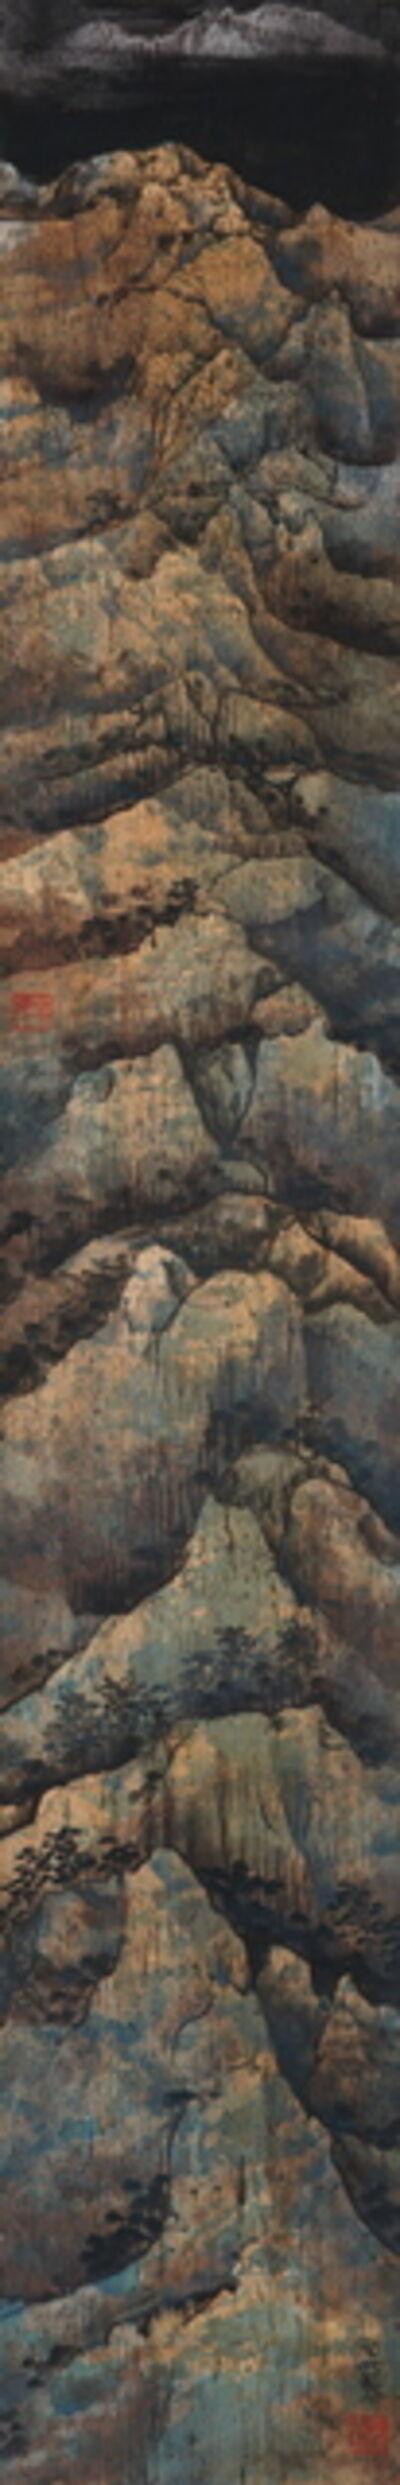 Wang Mansheng 王满晟, 'Layers of Sunset 層巒夕照', 2014